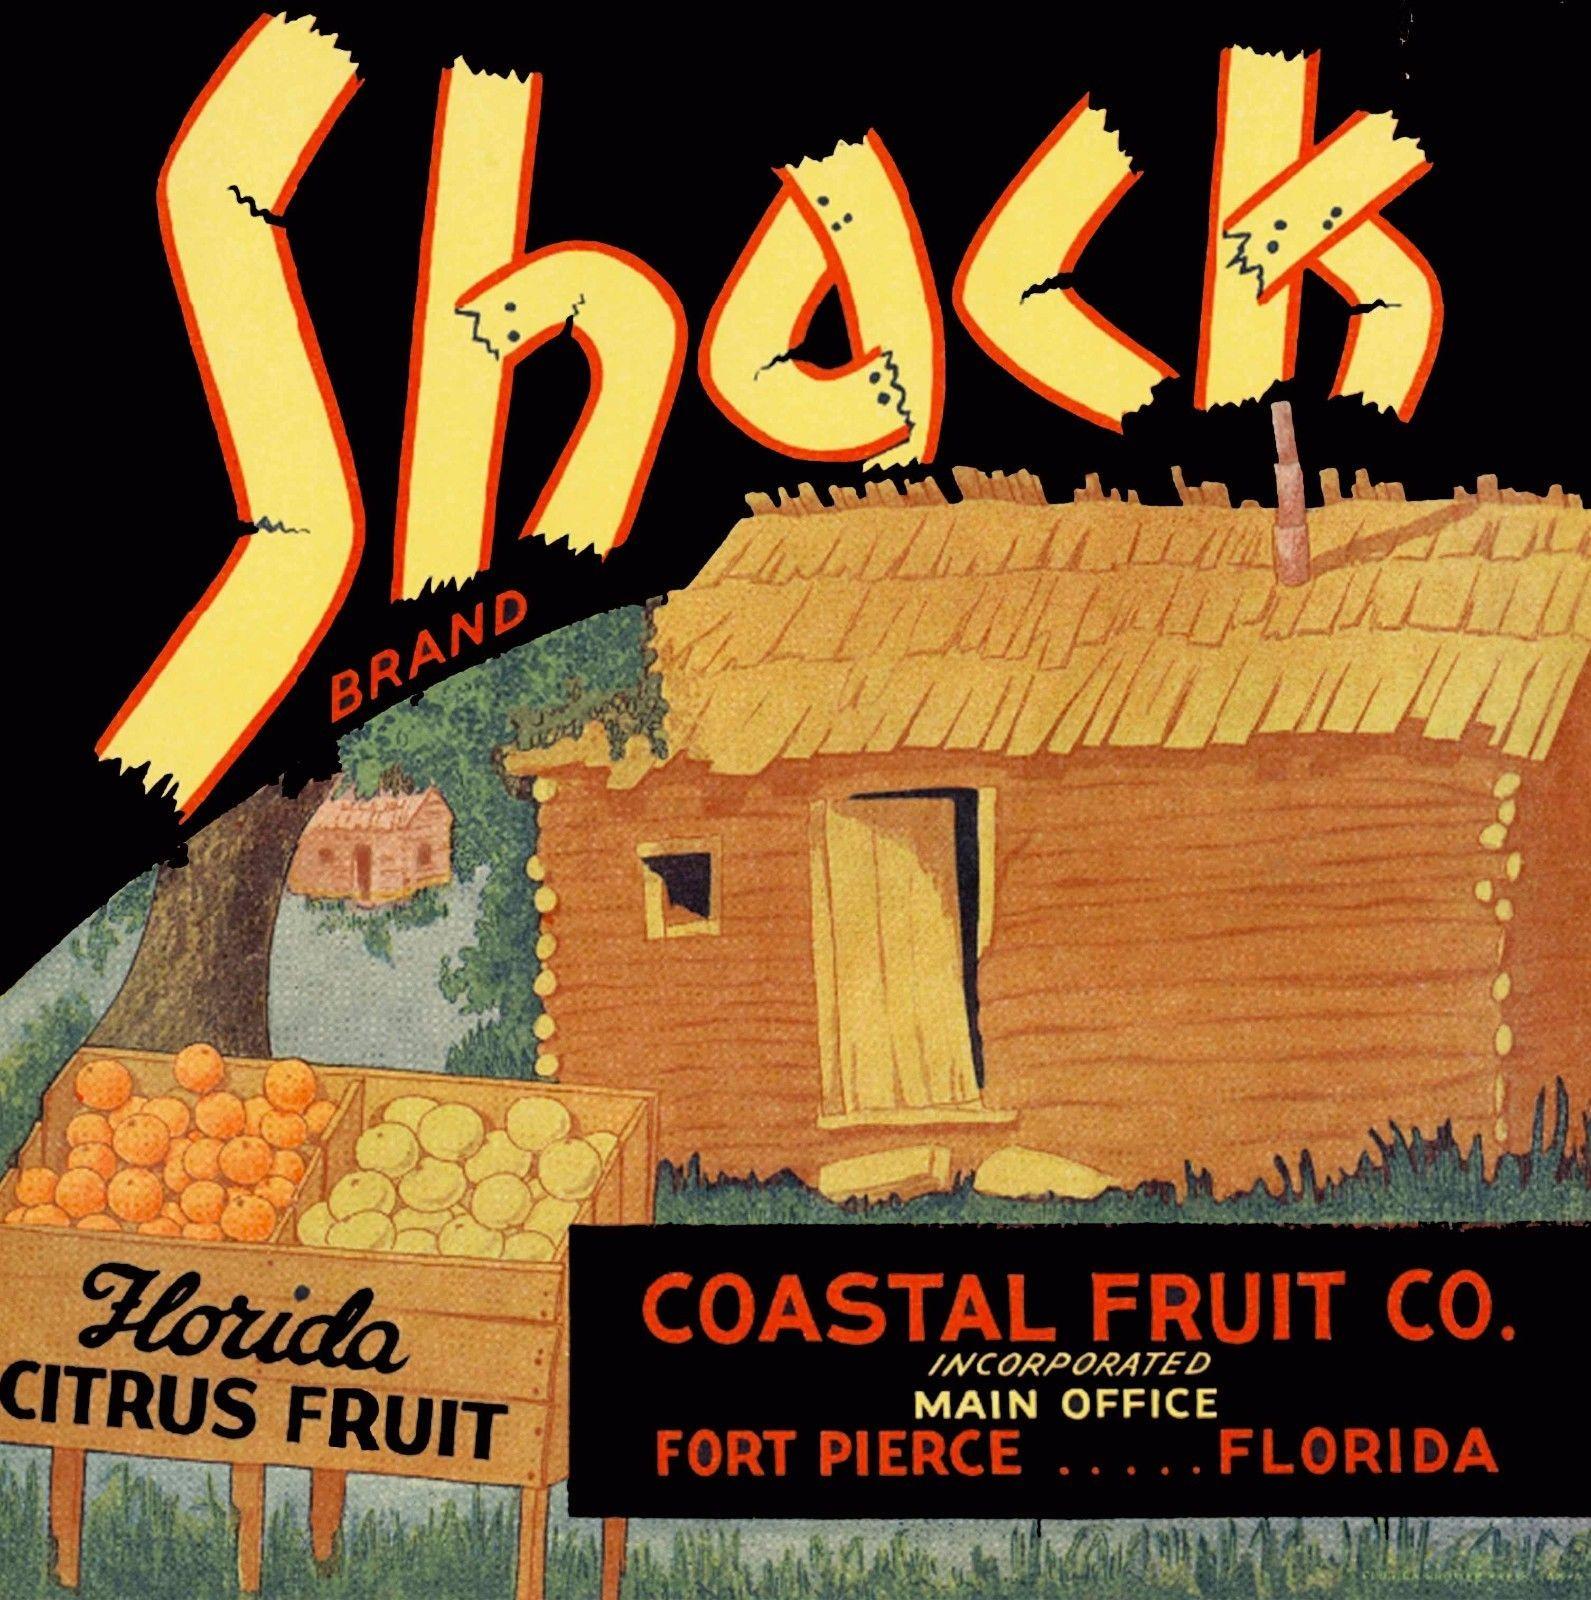 Fort Pierce Florida Shack Orange Citrus Fruit Crate Label